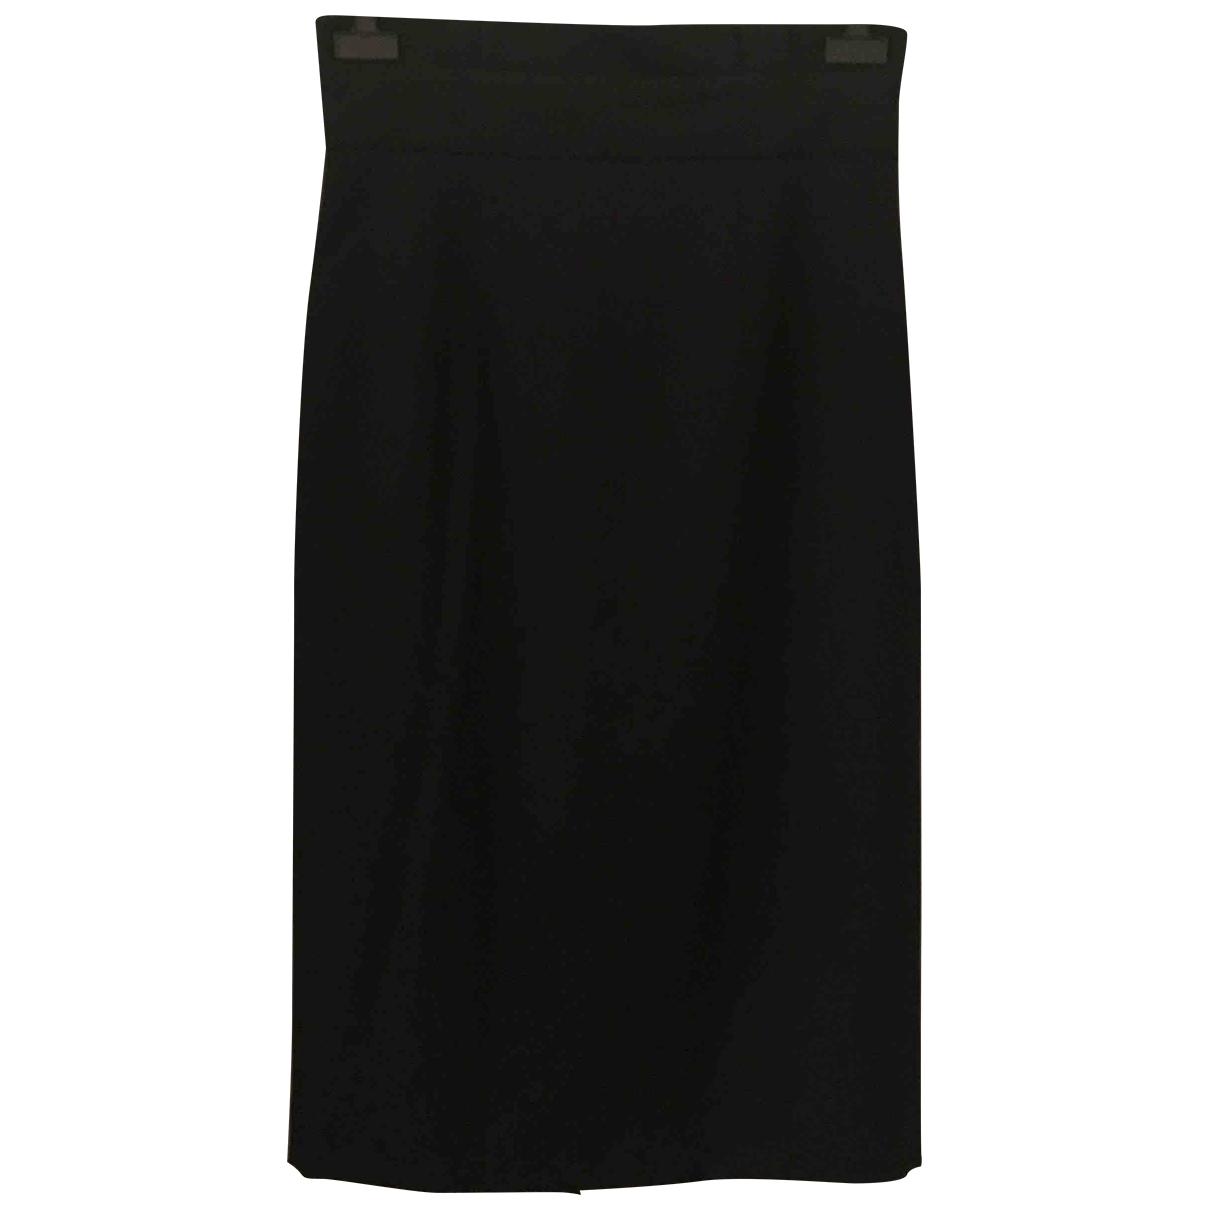 Zara \N Black skirt for Women M International